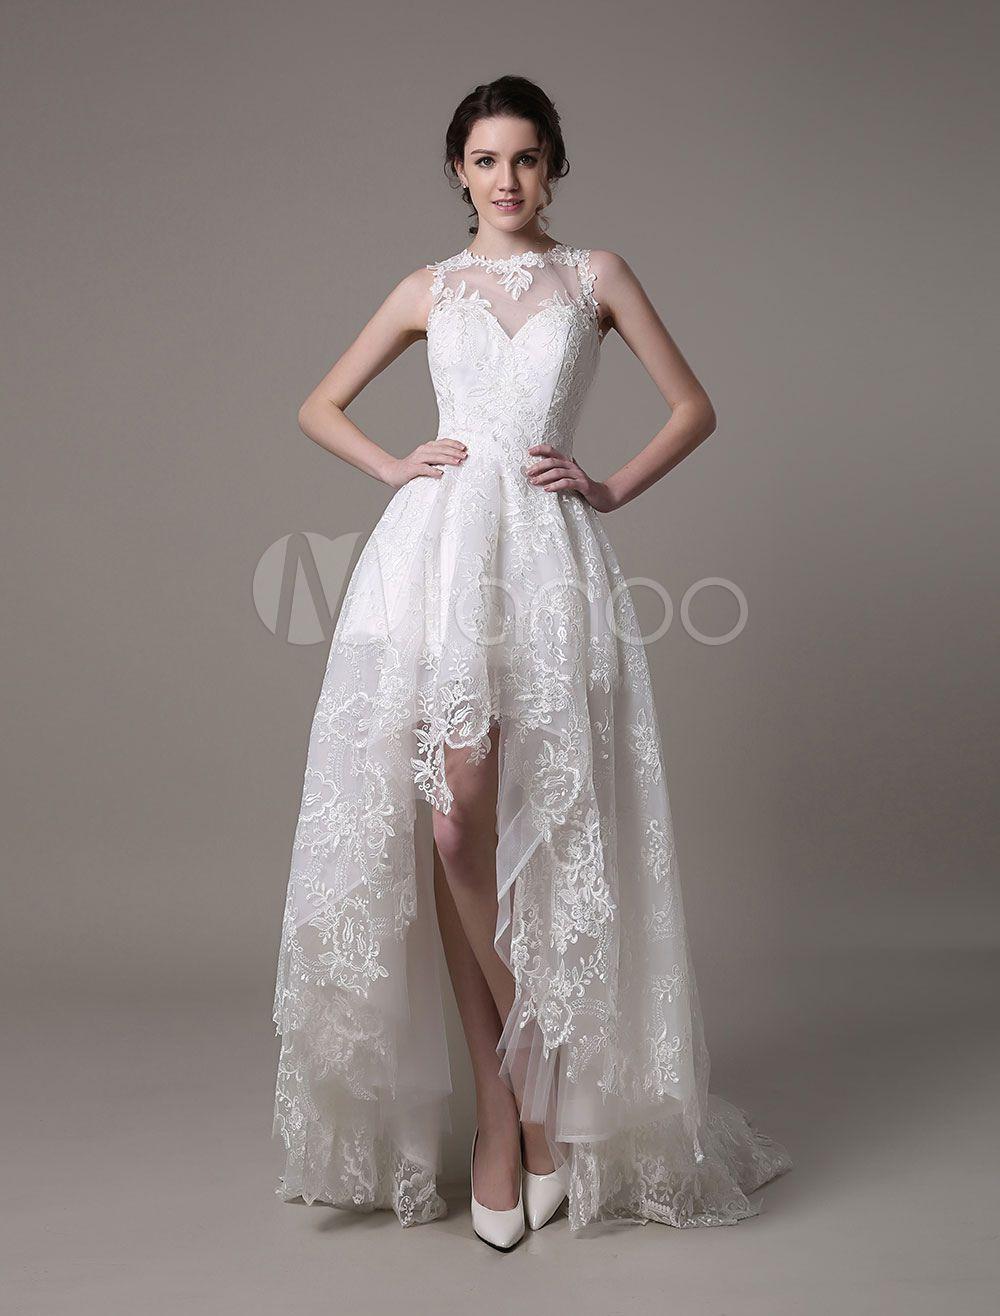 20 Brautkleid vorne kurz hinten lang mit Spitze Milanoo  Gelinlik